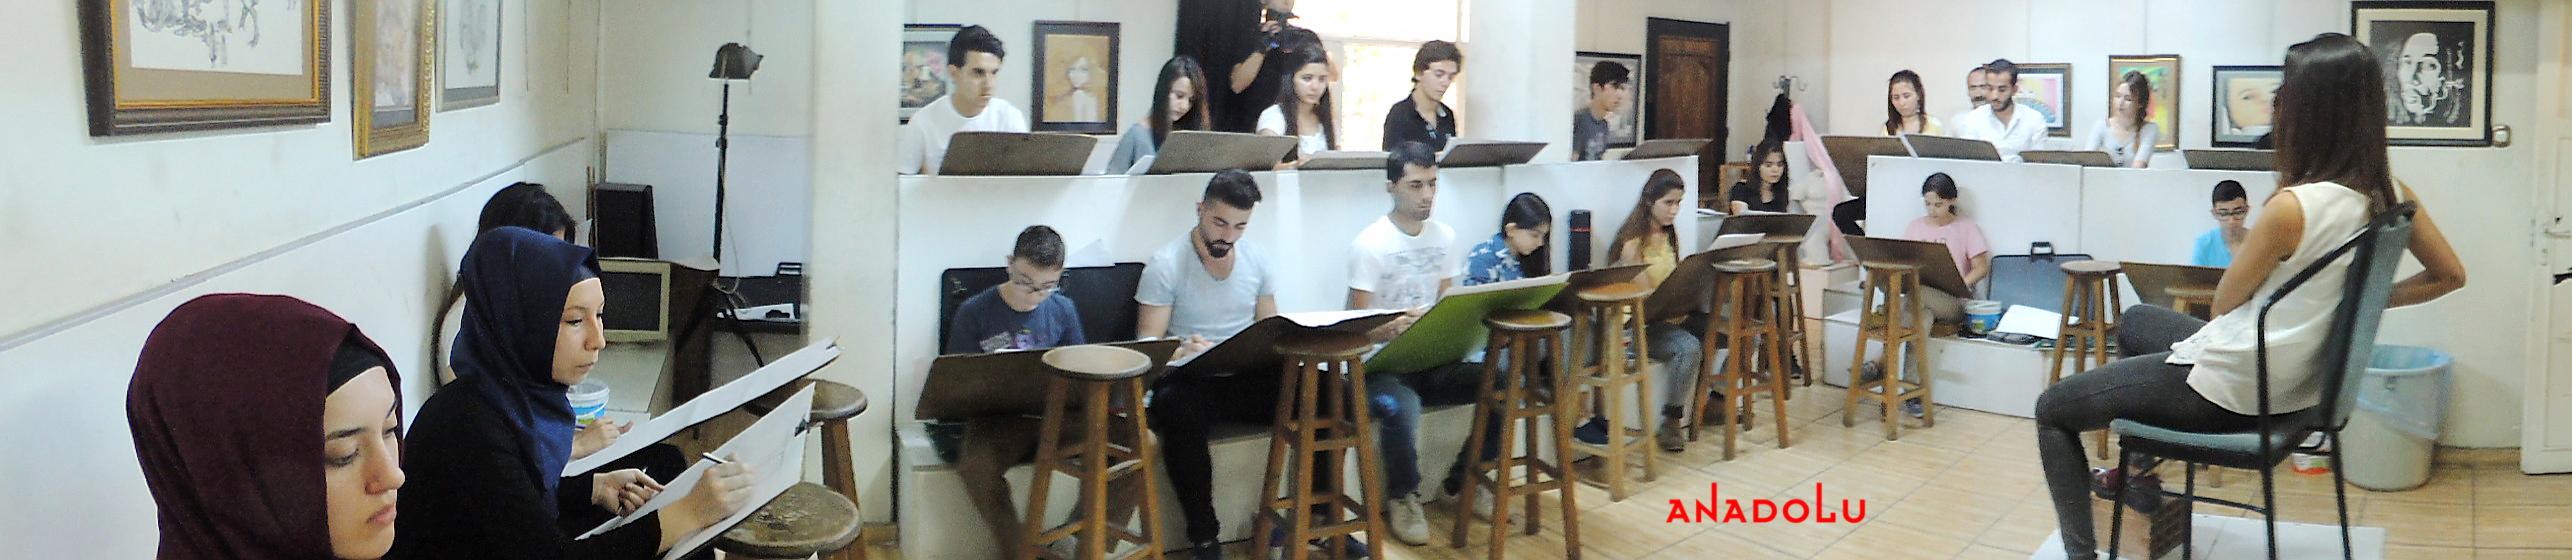 Güzel Sanatlara Fakülteleri Hazırlık Sınıfları Konyada